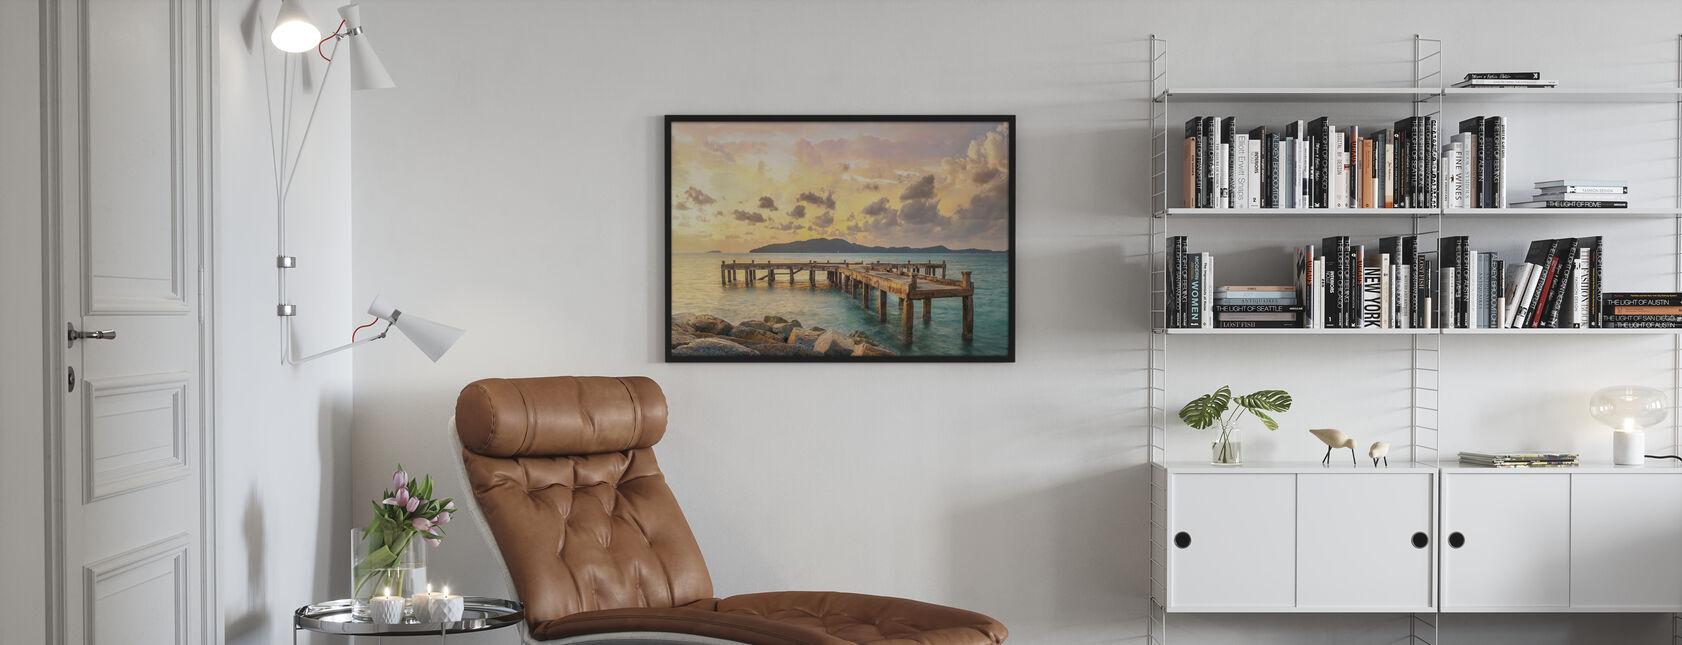 Tangerine Light - Framed print - Living Room